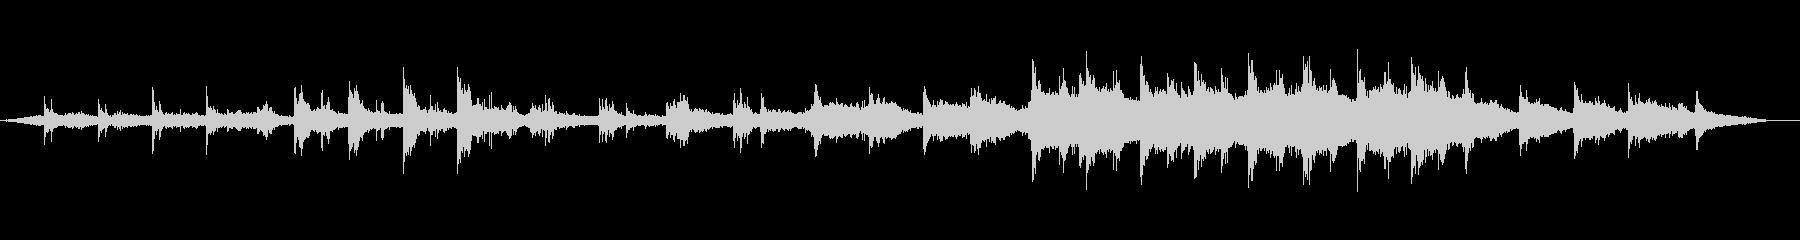 幻想的でゆったりとしたピアノアンビエントの未再生の波形